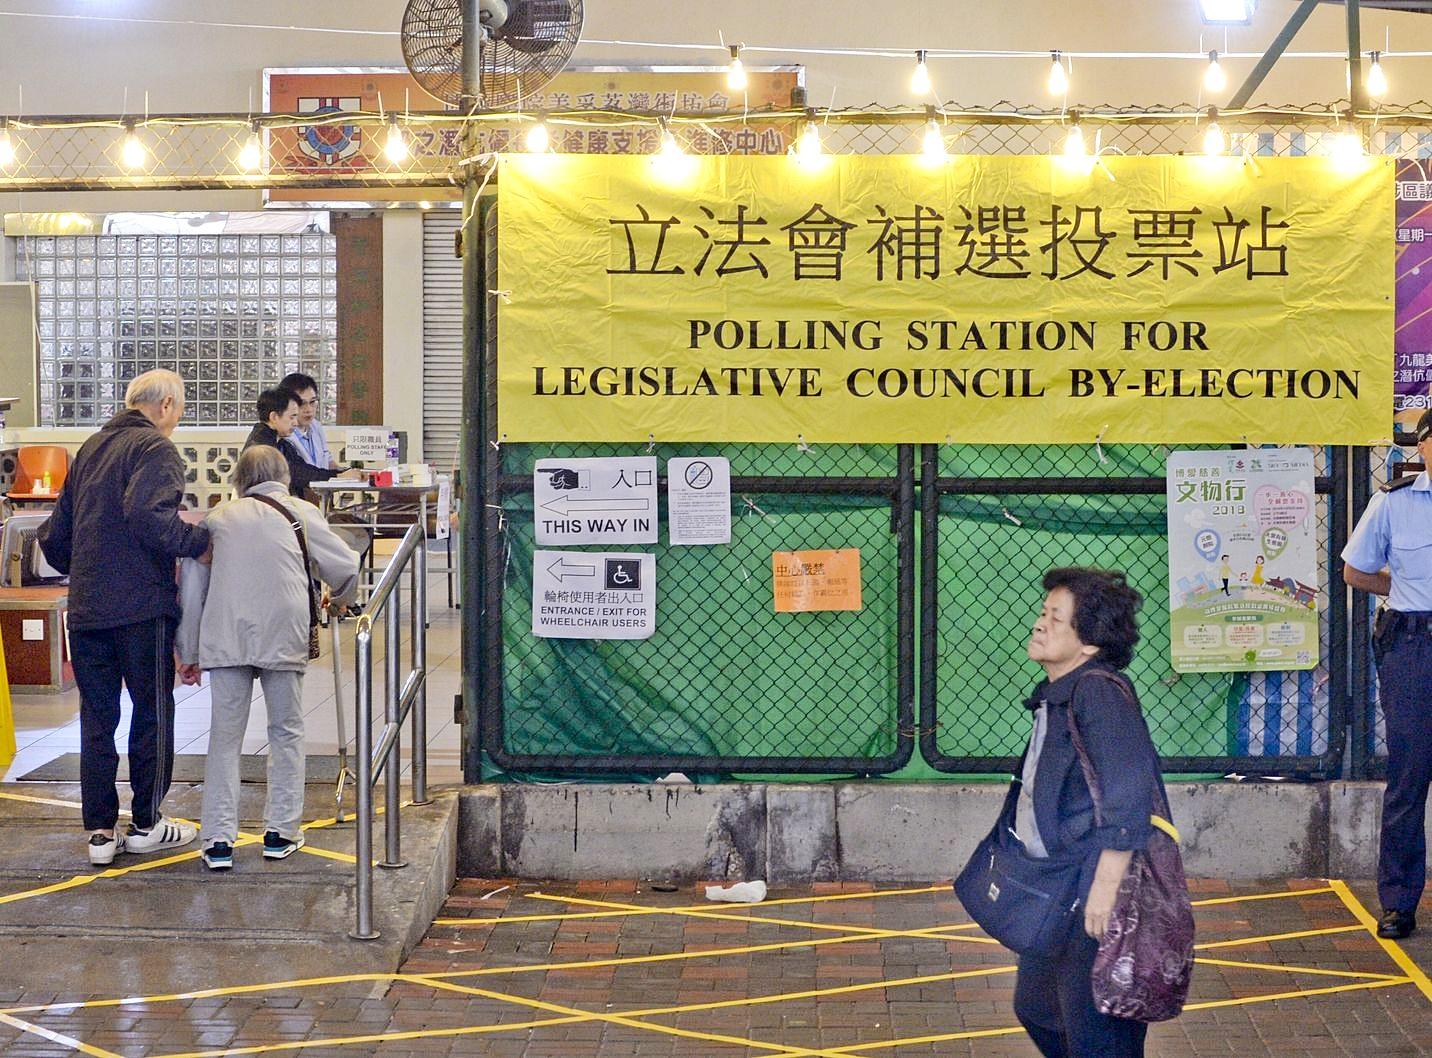 选管会:未能就立法会香港岛及新界东选区议席空缺安排补选